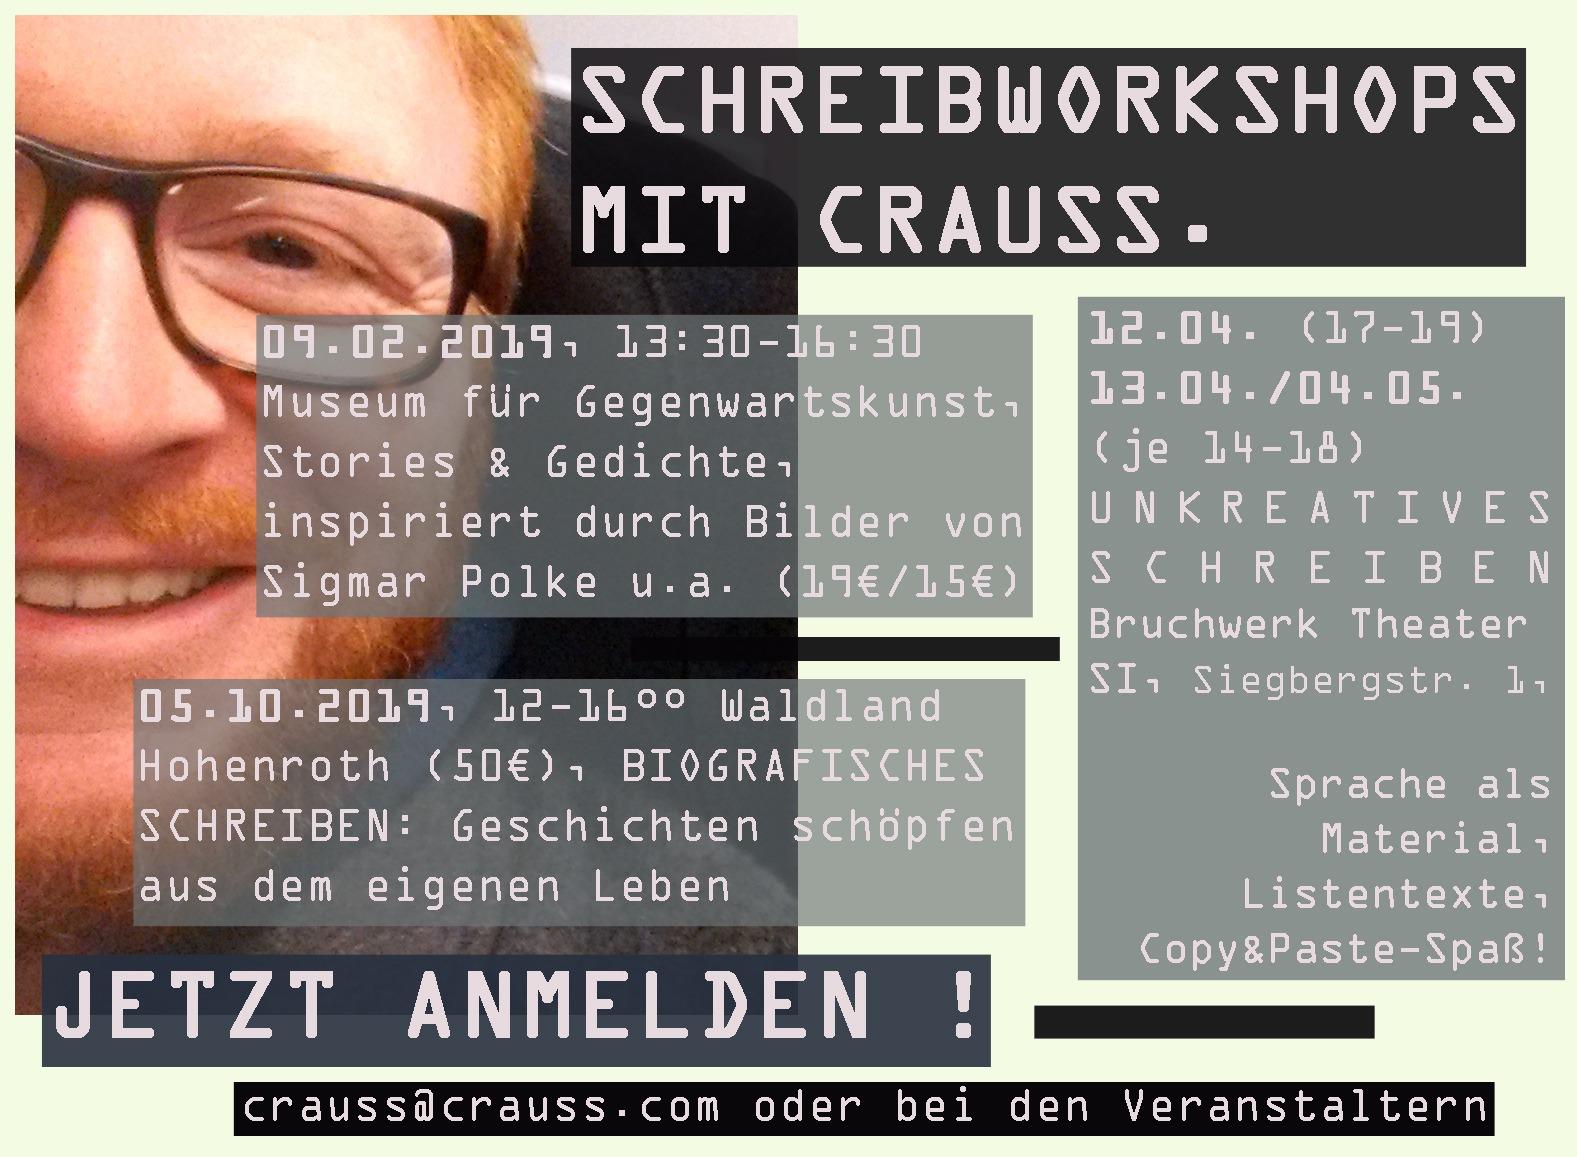 Workshops mit Crauss 2019